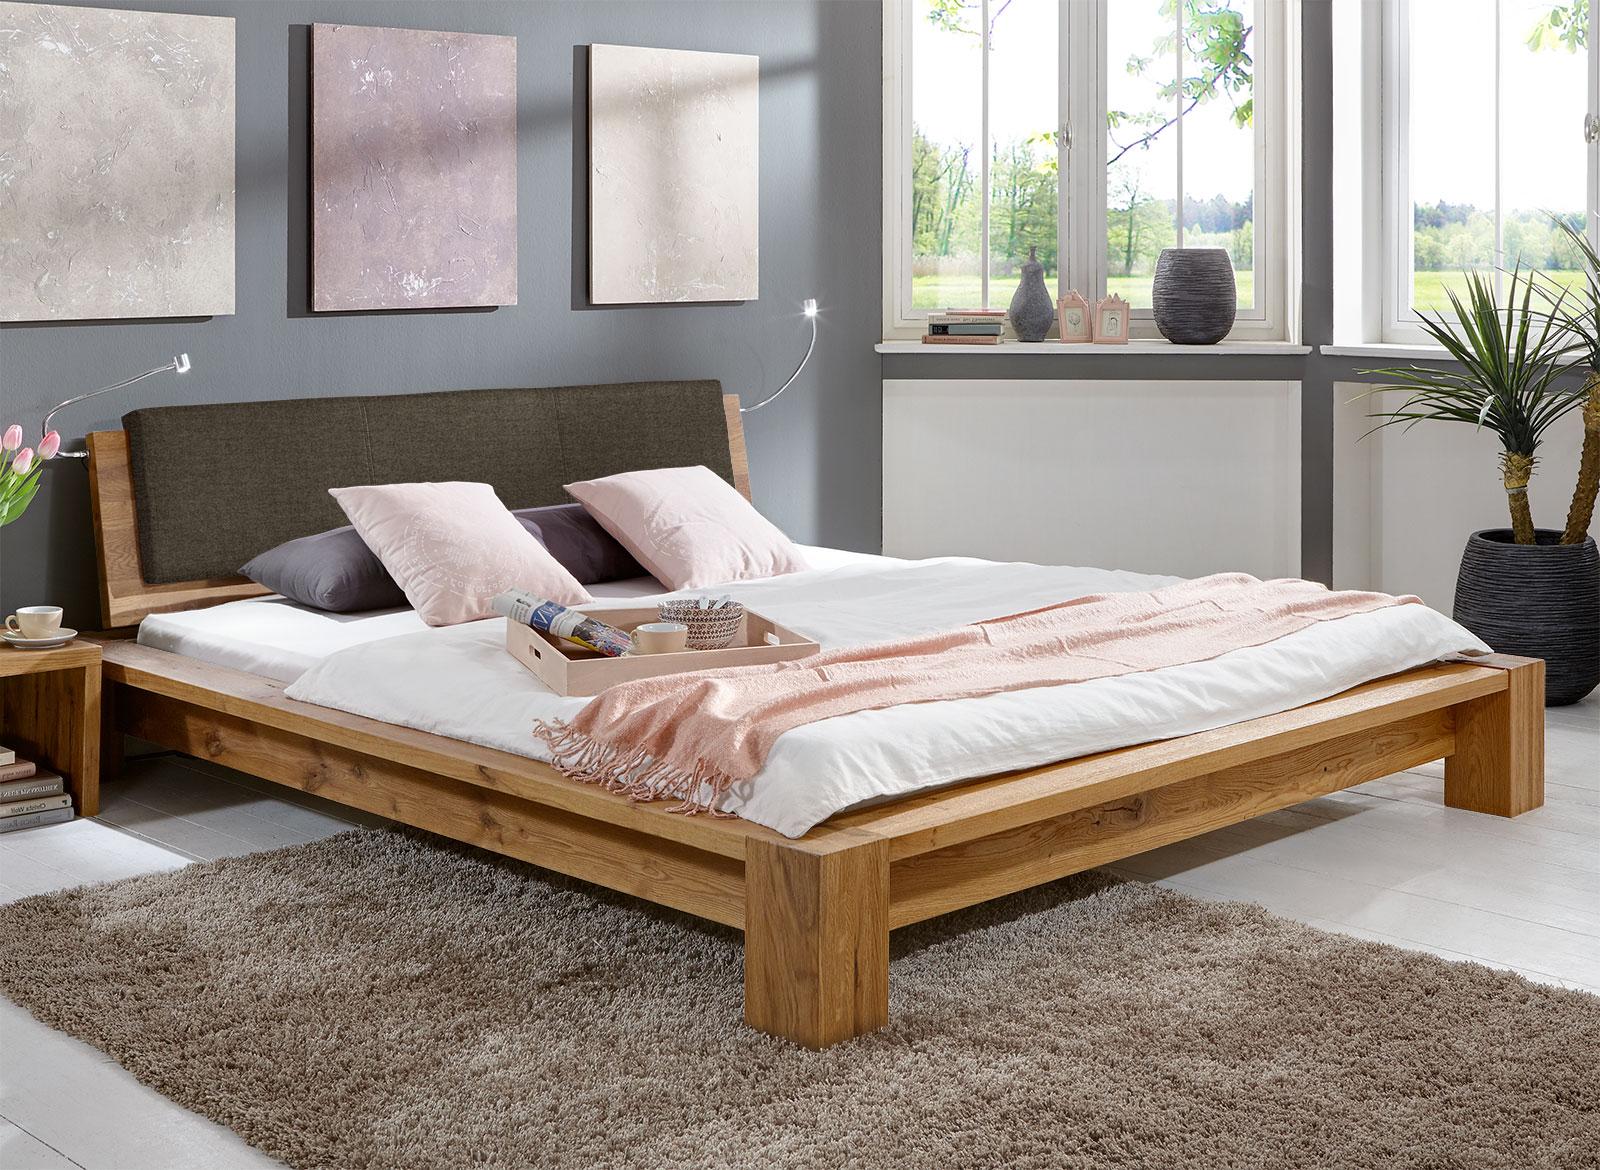 Bett 2x2 Meter : massivholz bett aus ge lter wildeiche z b 180x200 domingo ~ Yuntae.com Dekorationen Ideen